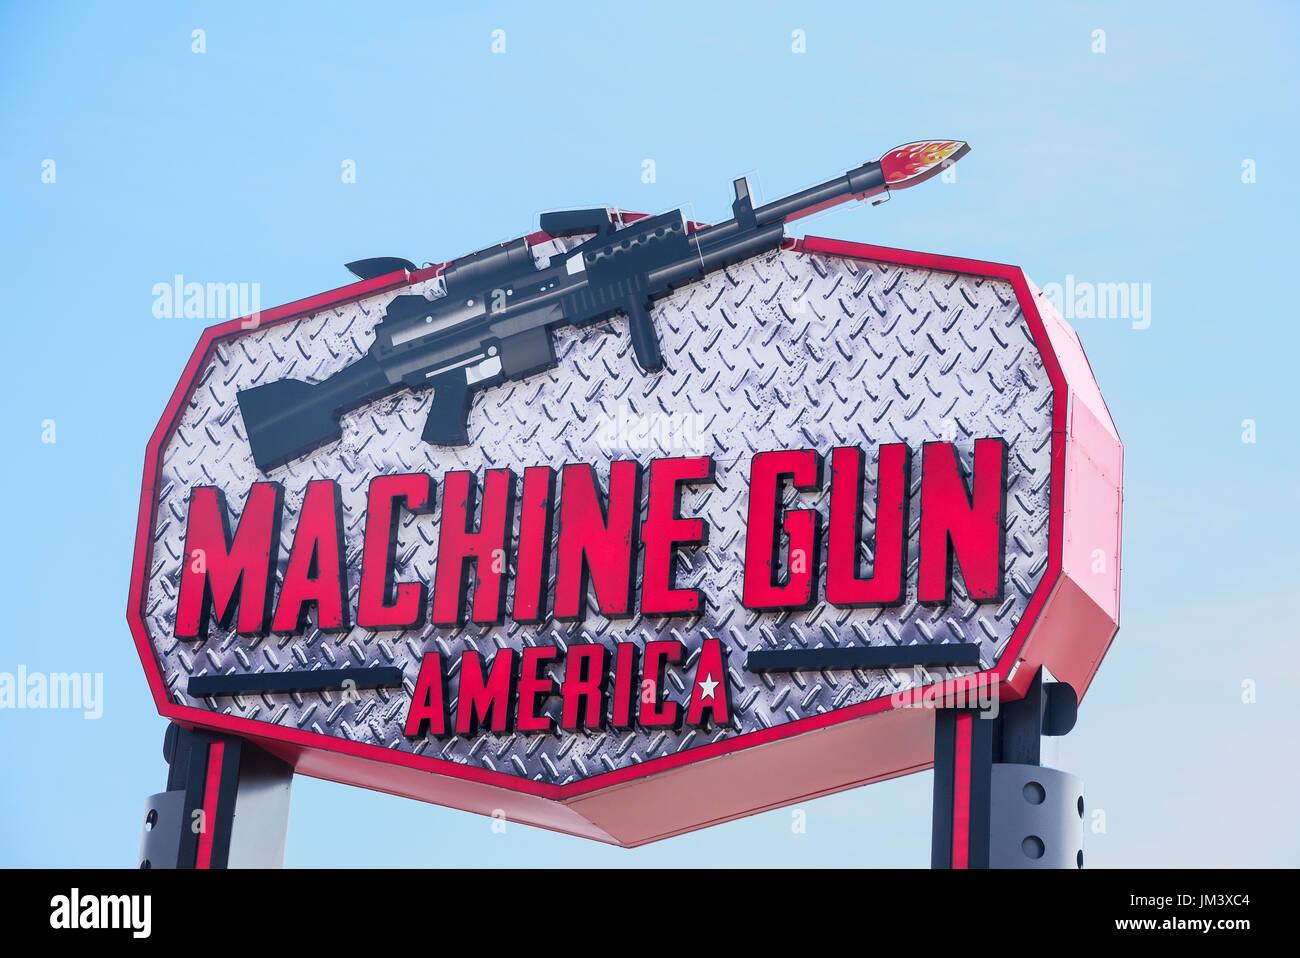 Große Seite außerhalb der MGA Orlando Maschinengewehr Erfahrung Attraktion in Kissimmee angezeigt. Stockbild